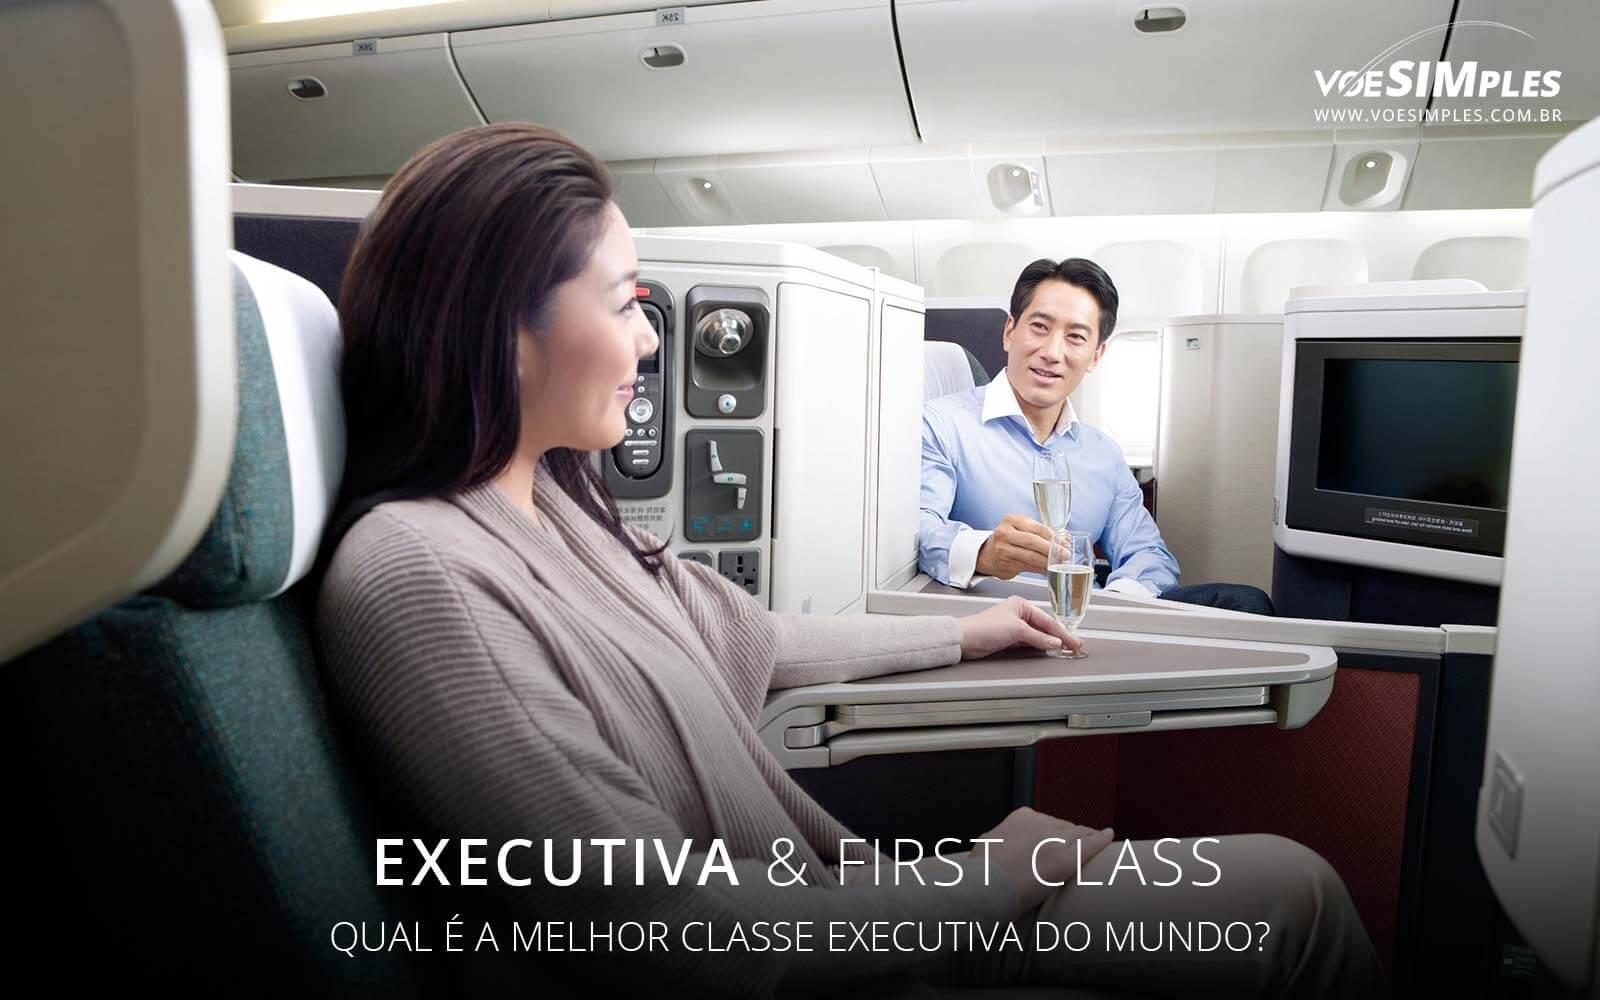 Melhor classe executiva do mundo